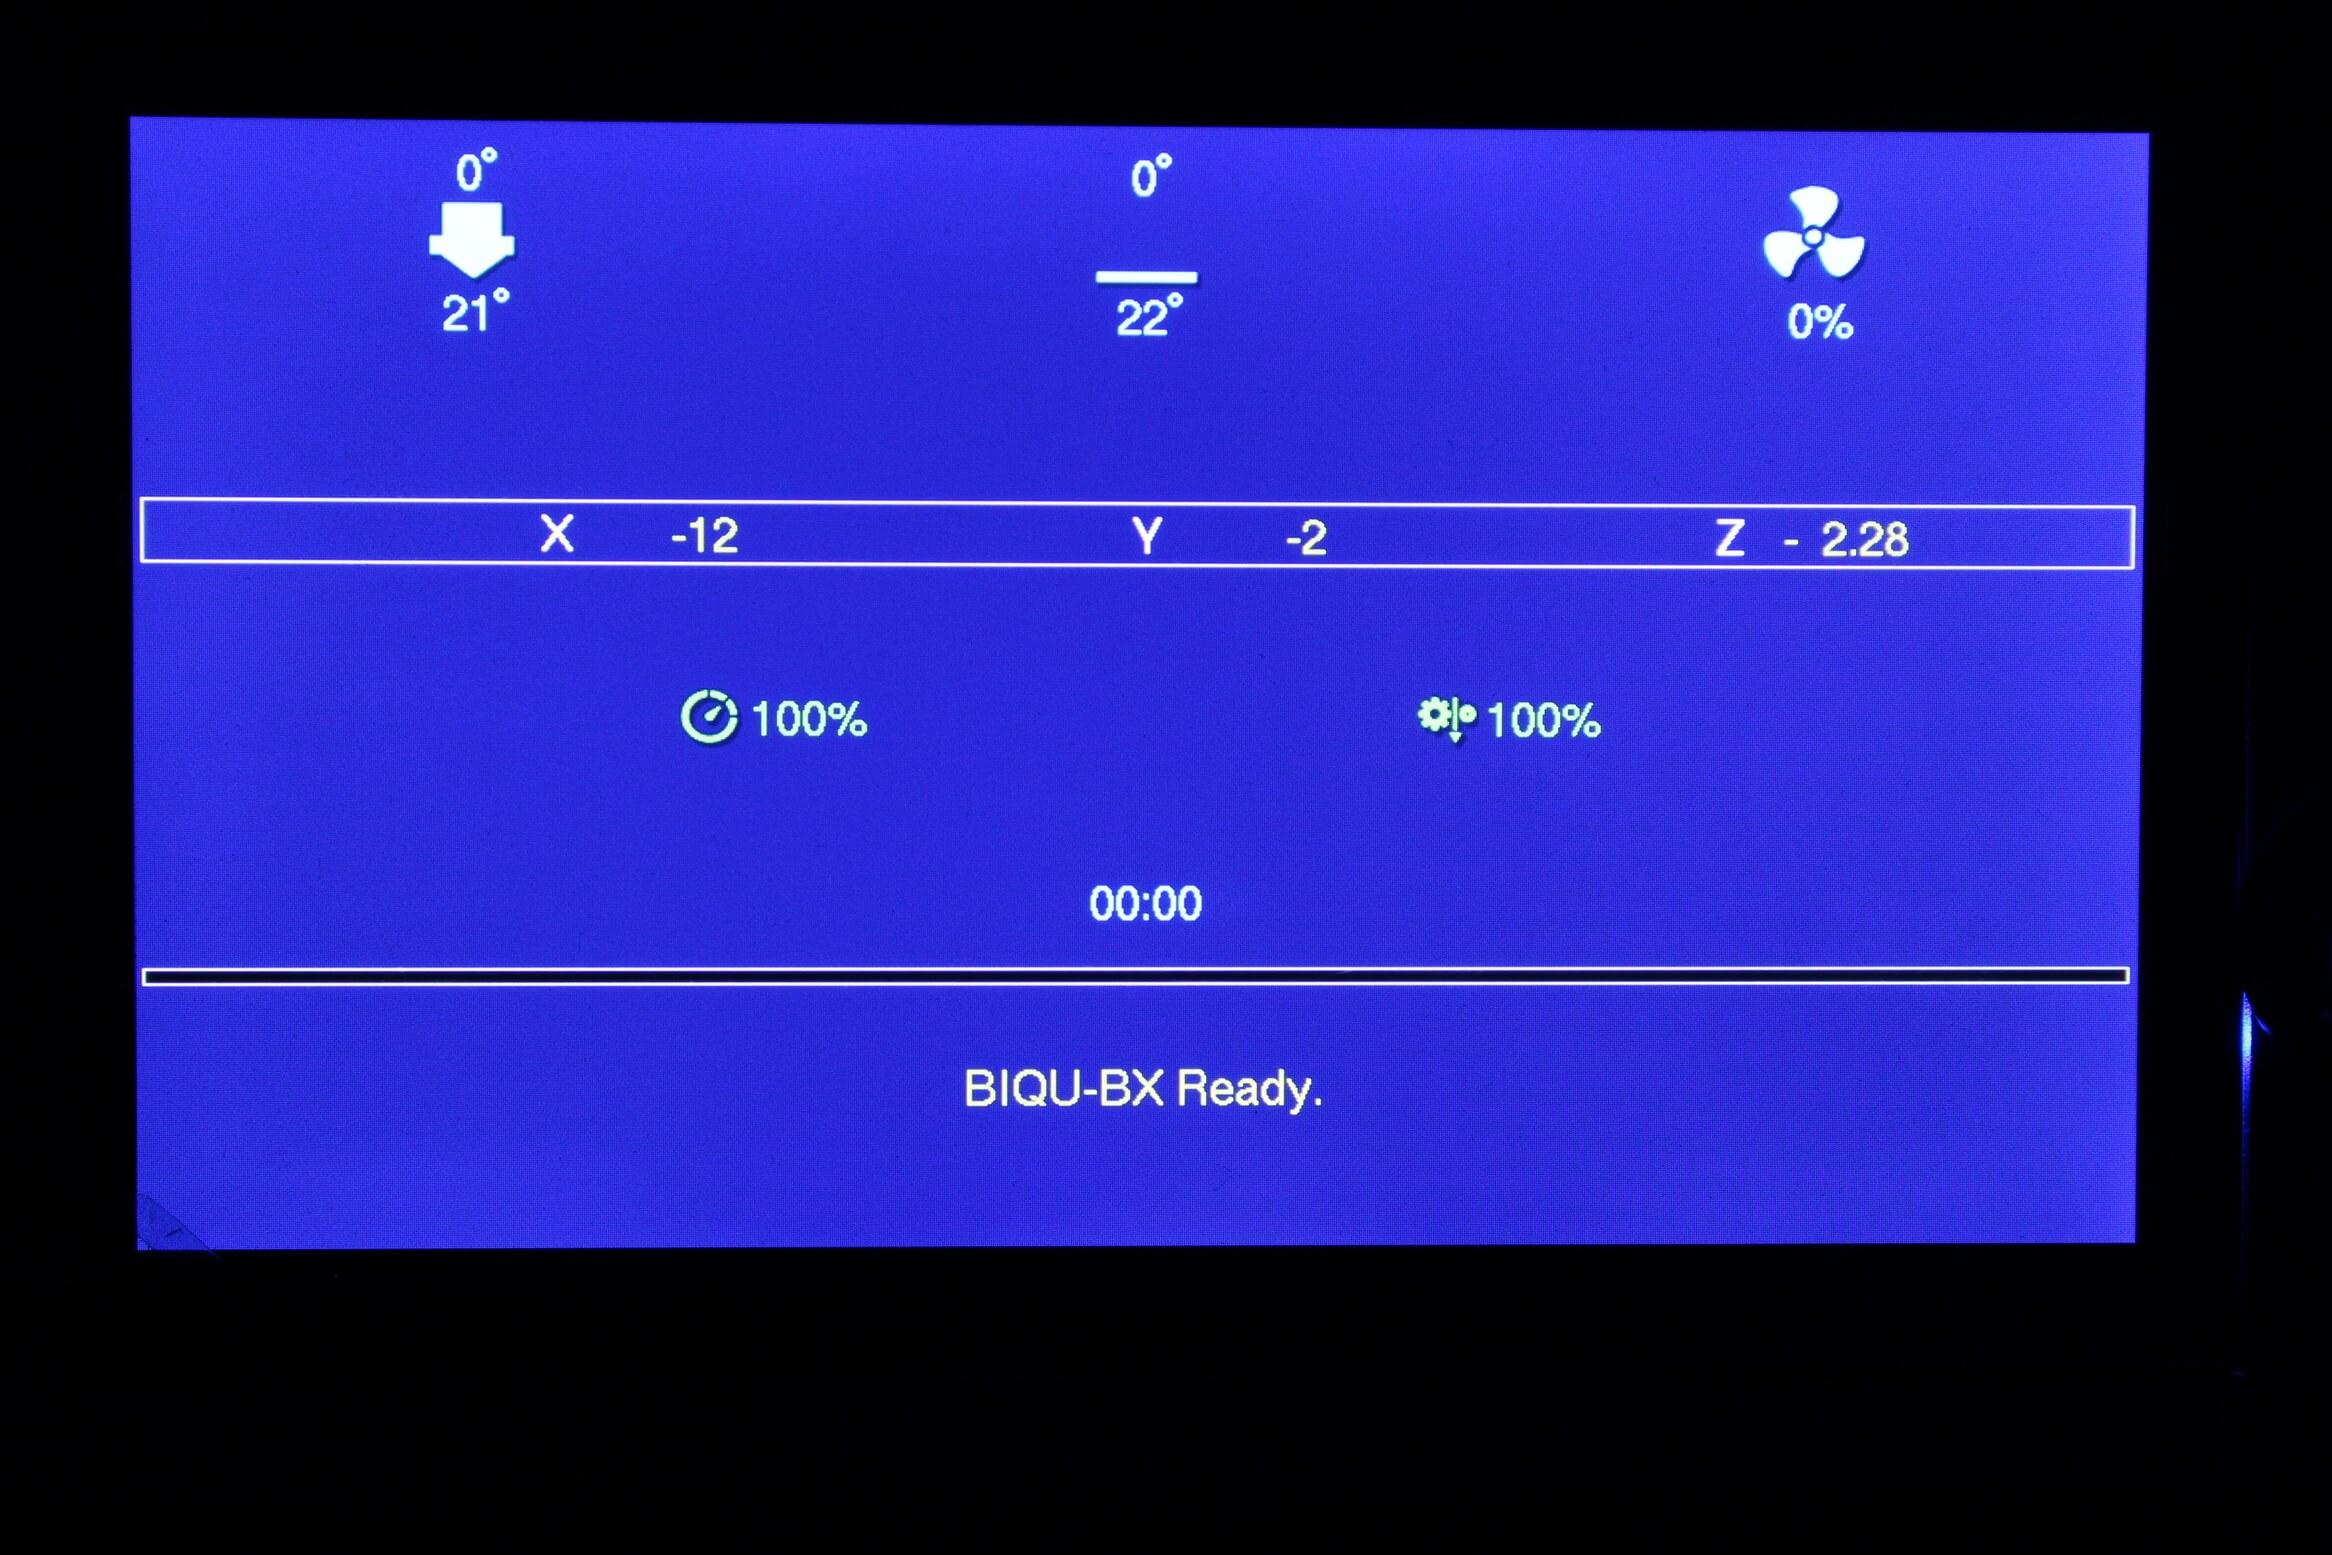 BIQU-BX-Marlin-Screen-Interface-1